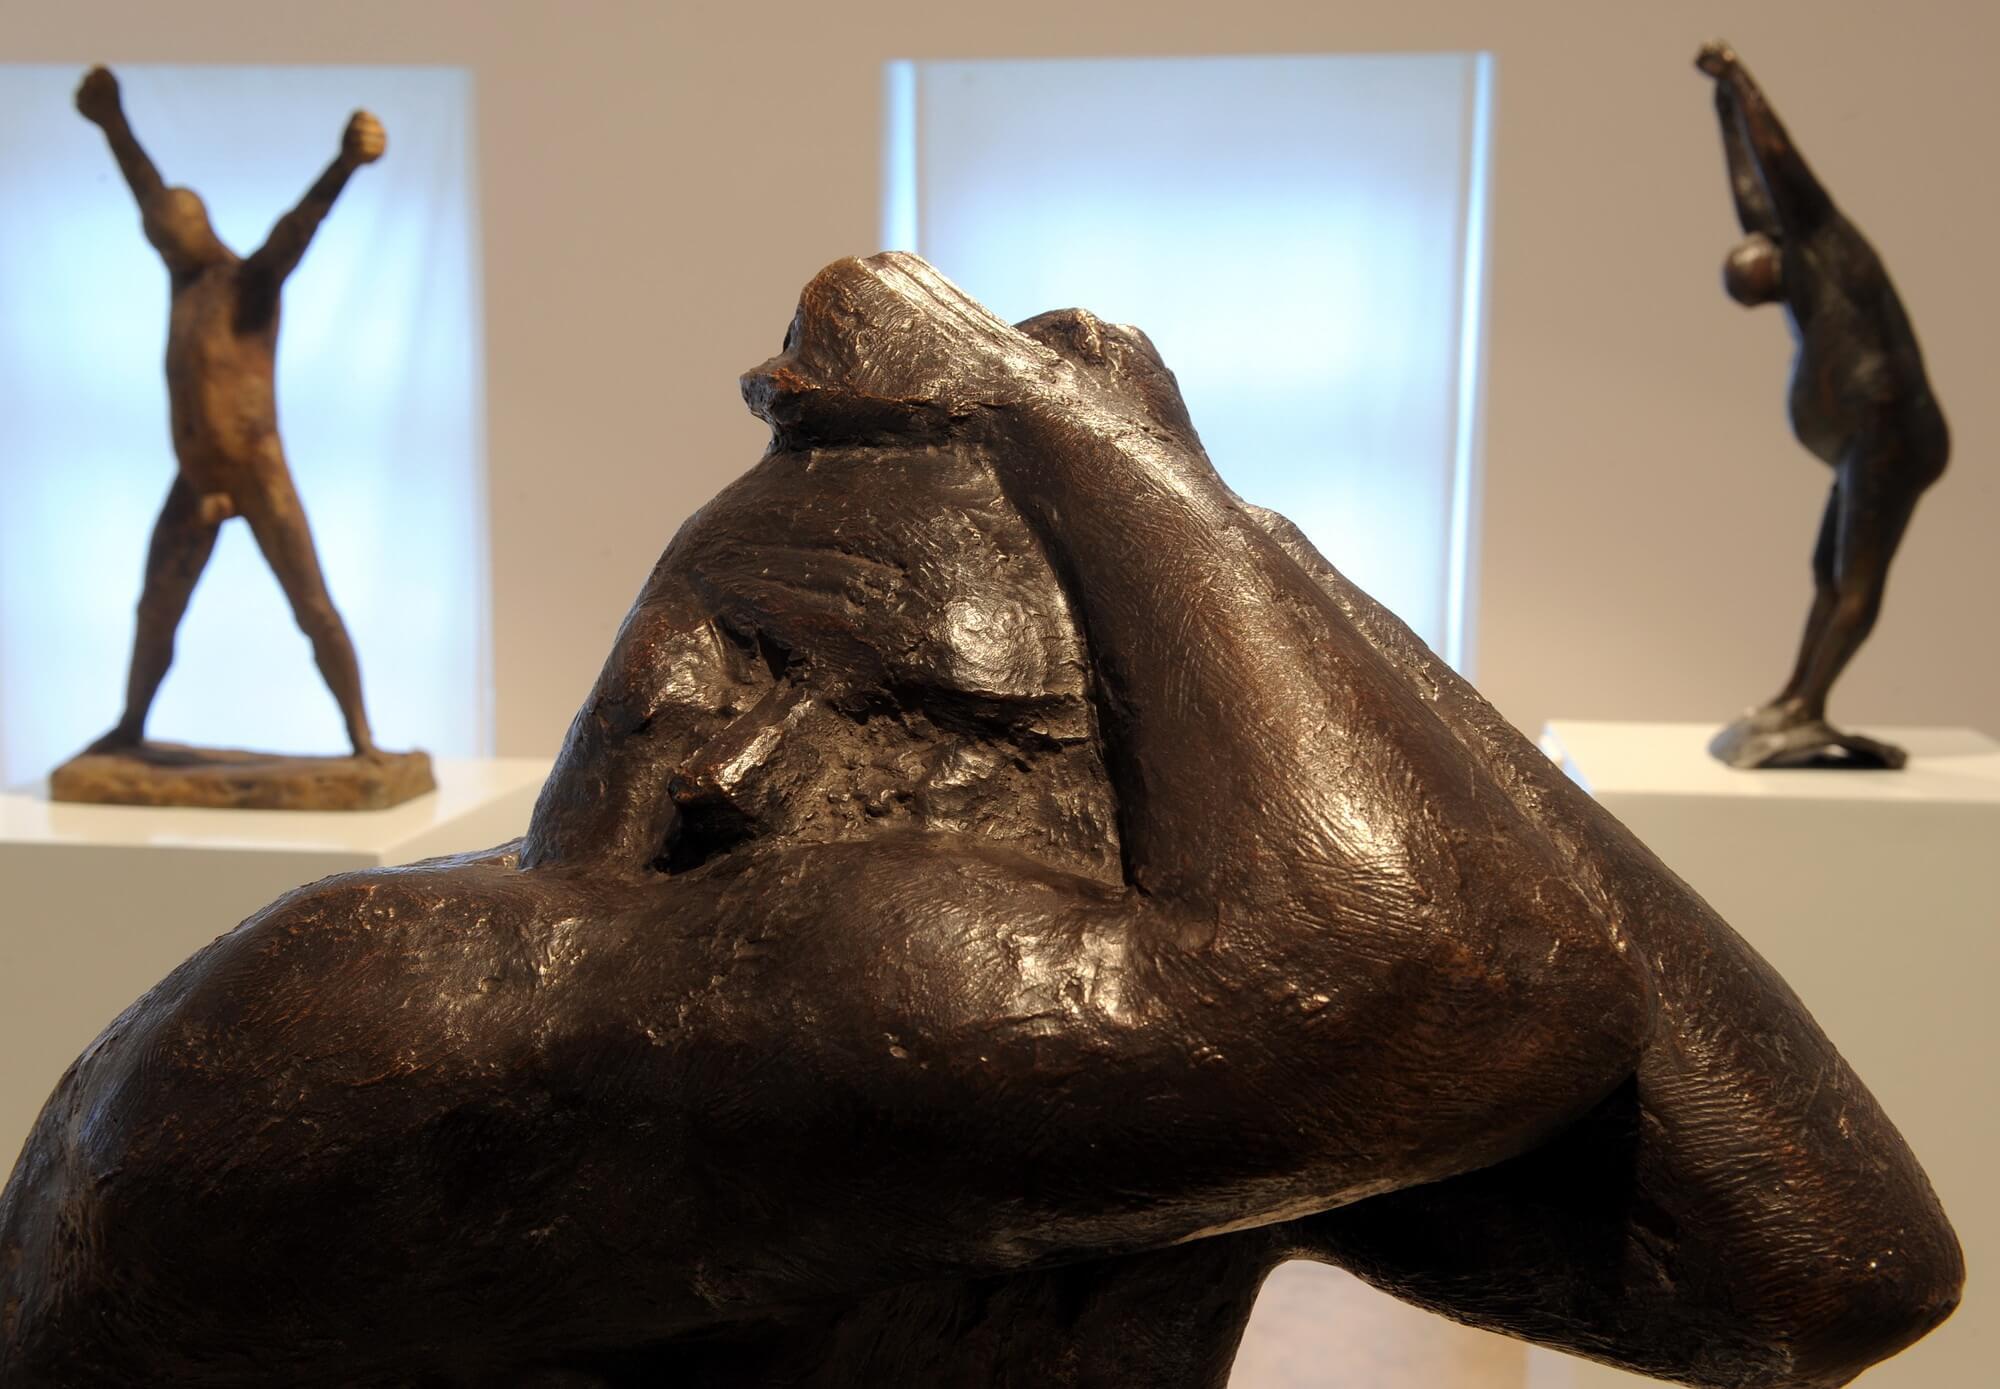 Waldemar Grzimek, Der Geblendete Michael, 1964, Bronze, VG Bild-Kunst, Bonn 2016, Schlüsselwerk